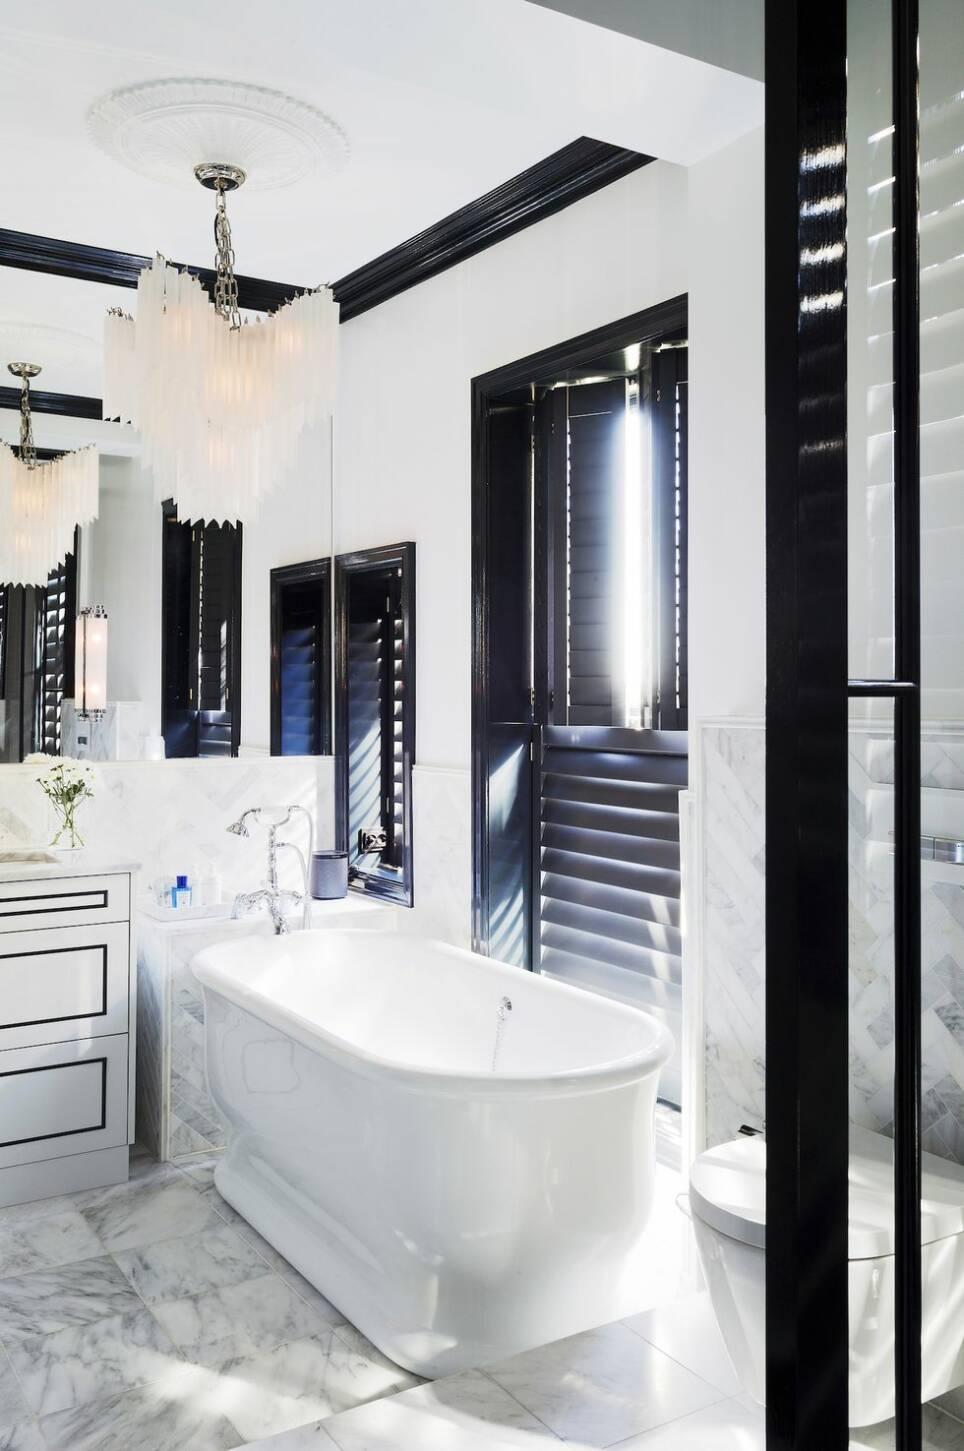 Det här badrummet är som hämtat ur ett lyxhotell